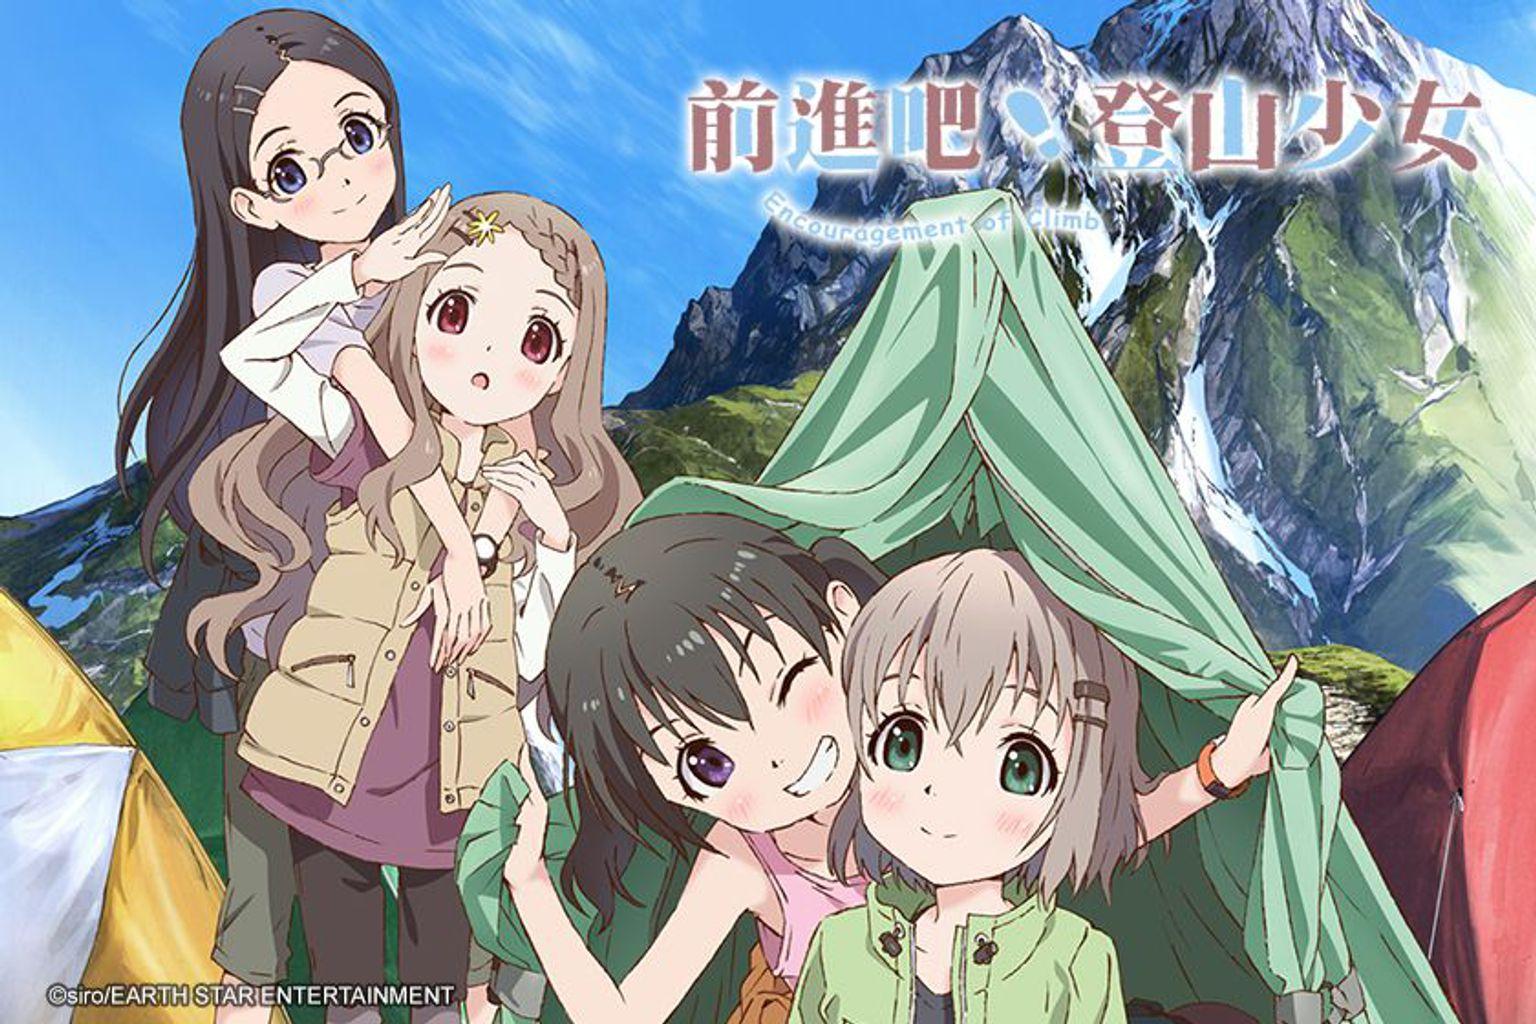 前進吧!登山少女 第一季第1集|免費線上看|動漫|LINE TV-精彩隨看